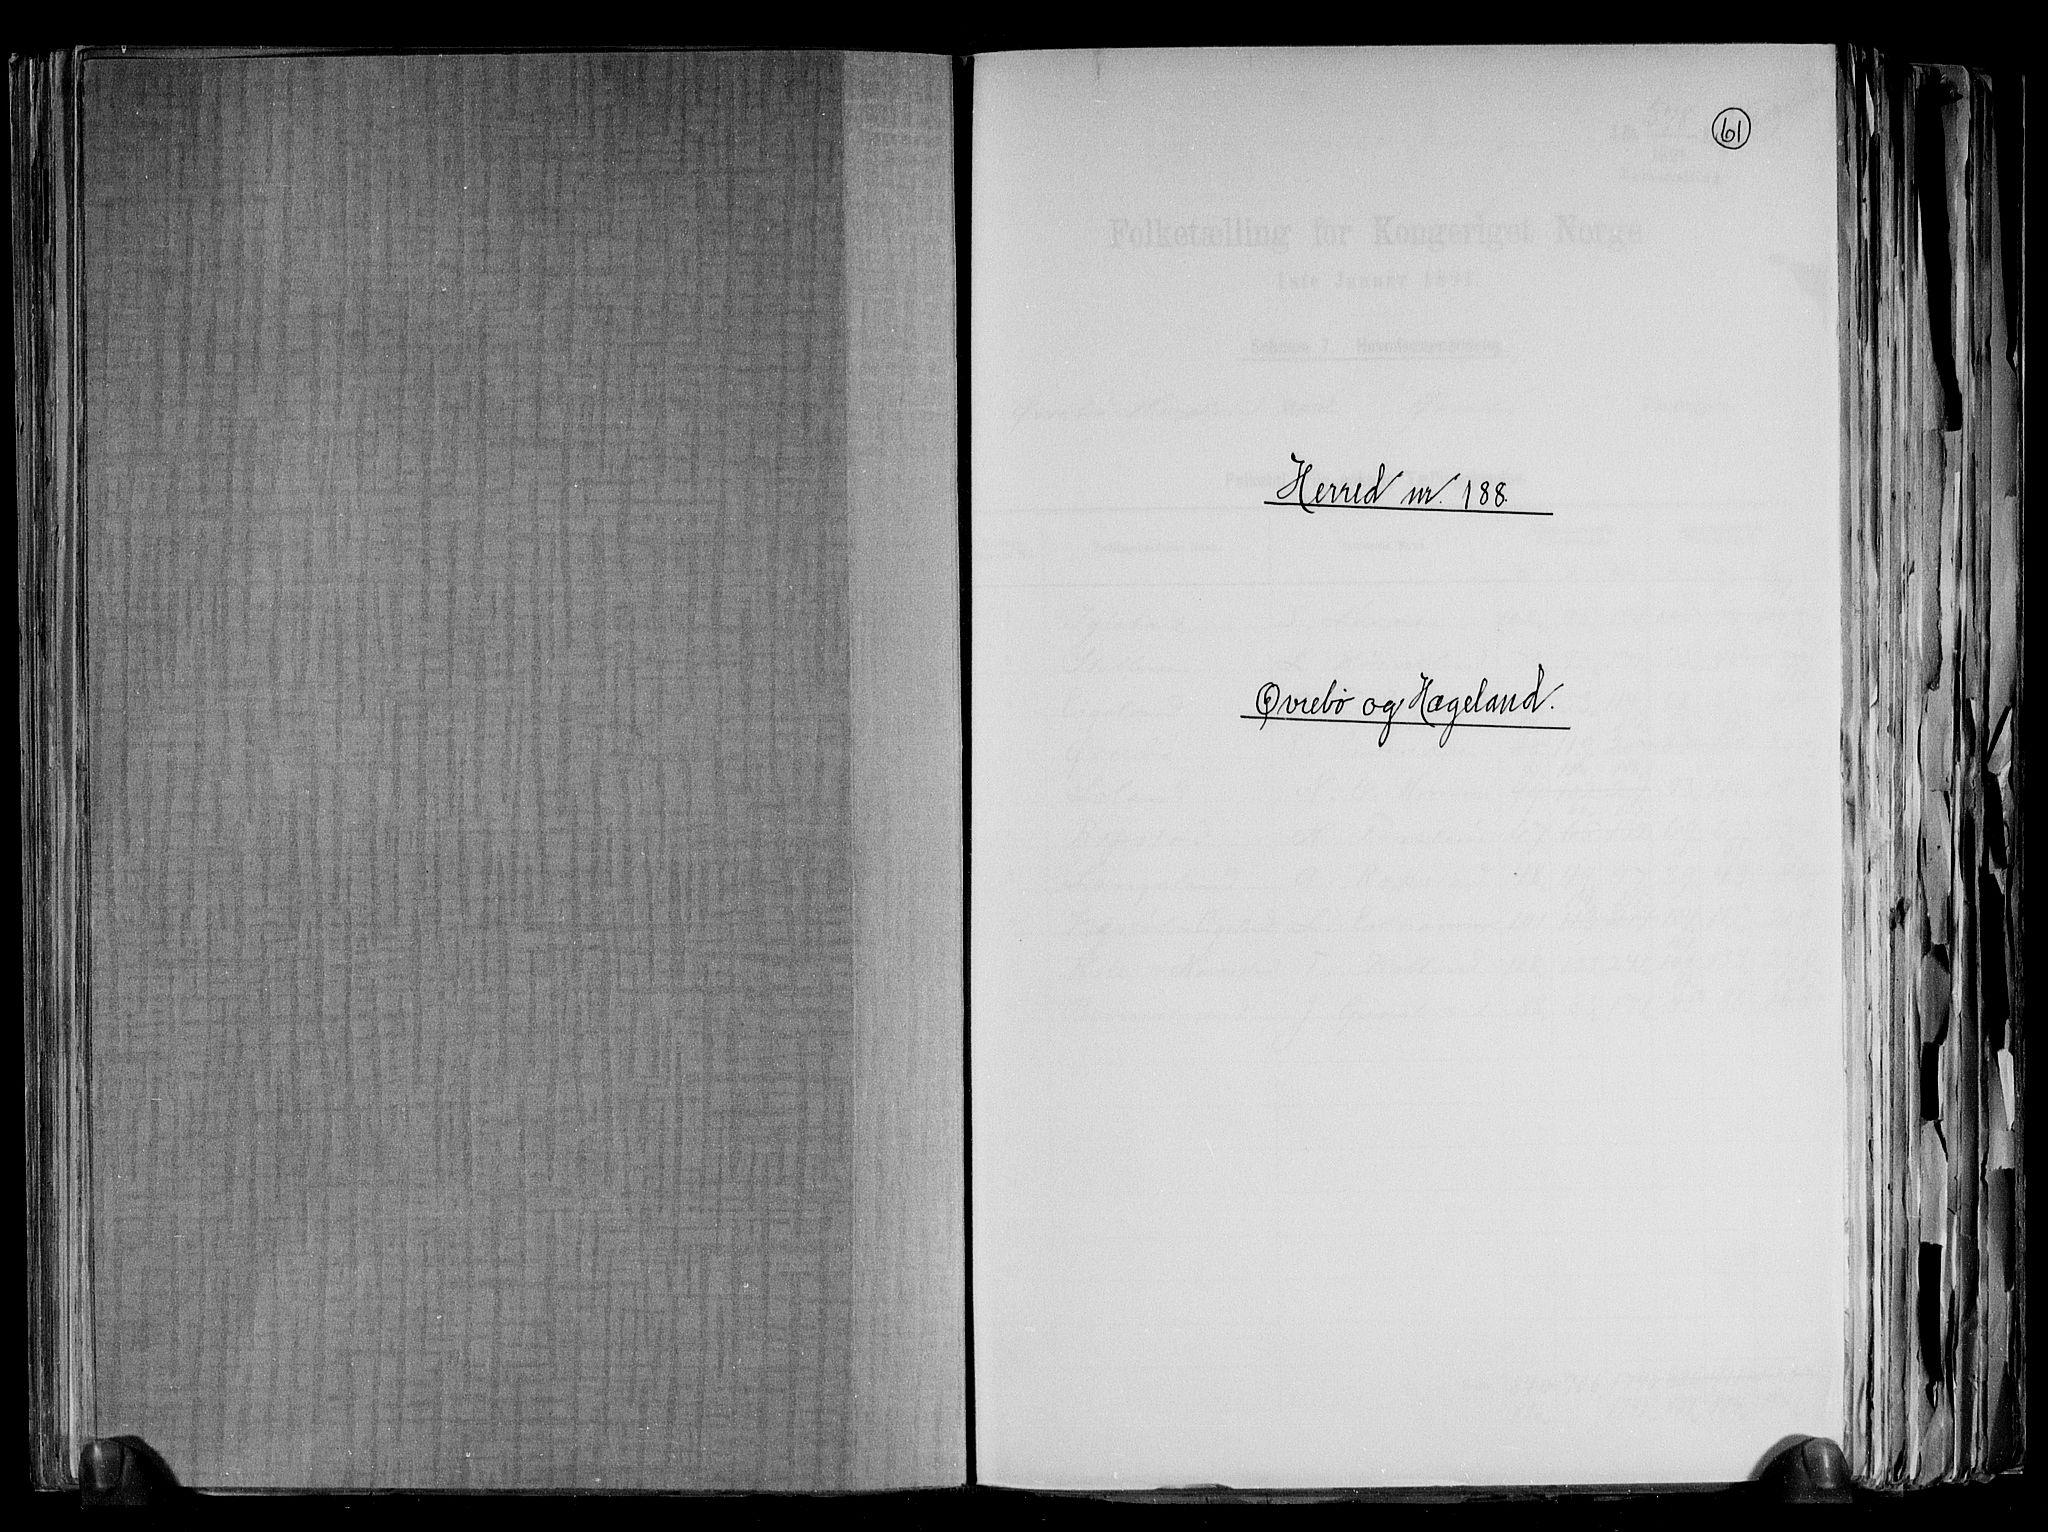 RA, Folketelling 1891 for 1016 Øvrebø og Hægeland herred, 1891, s. 1